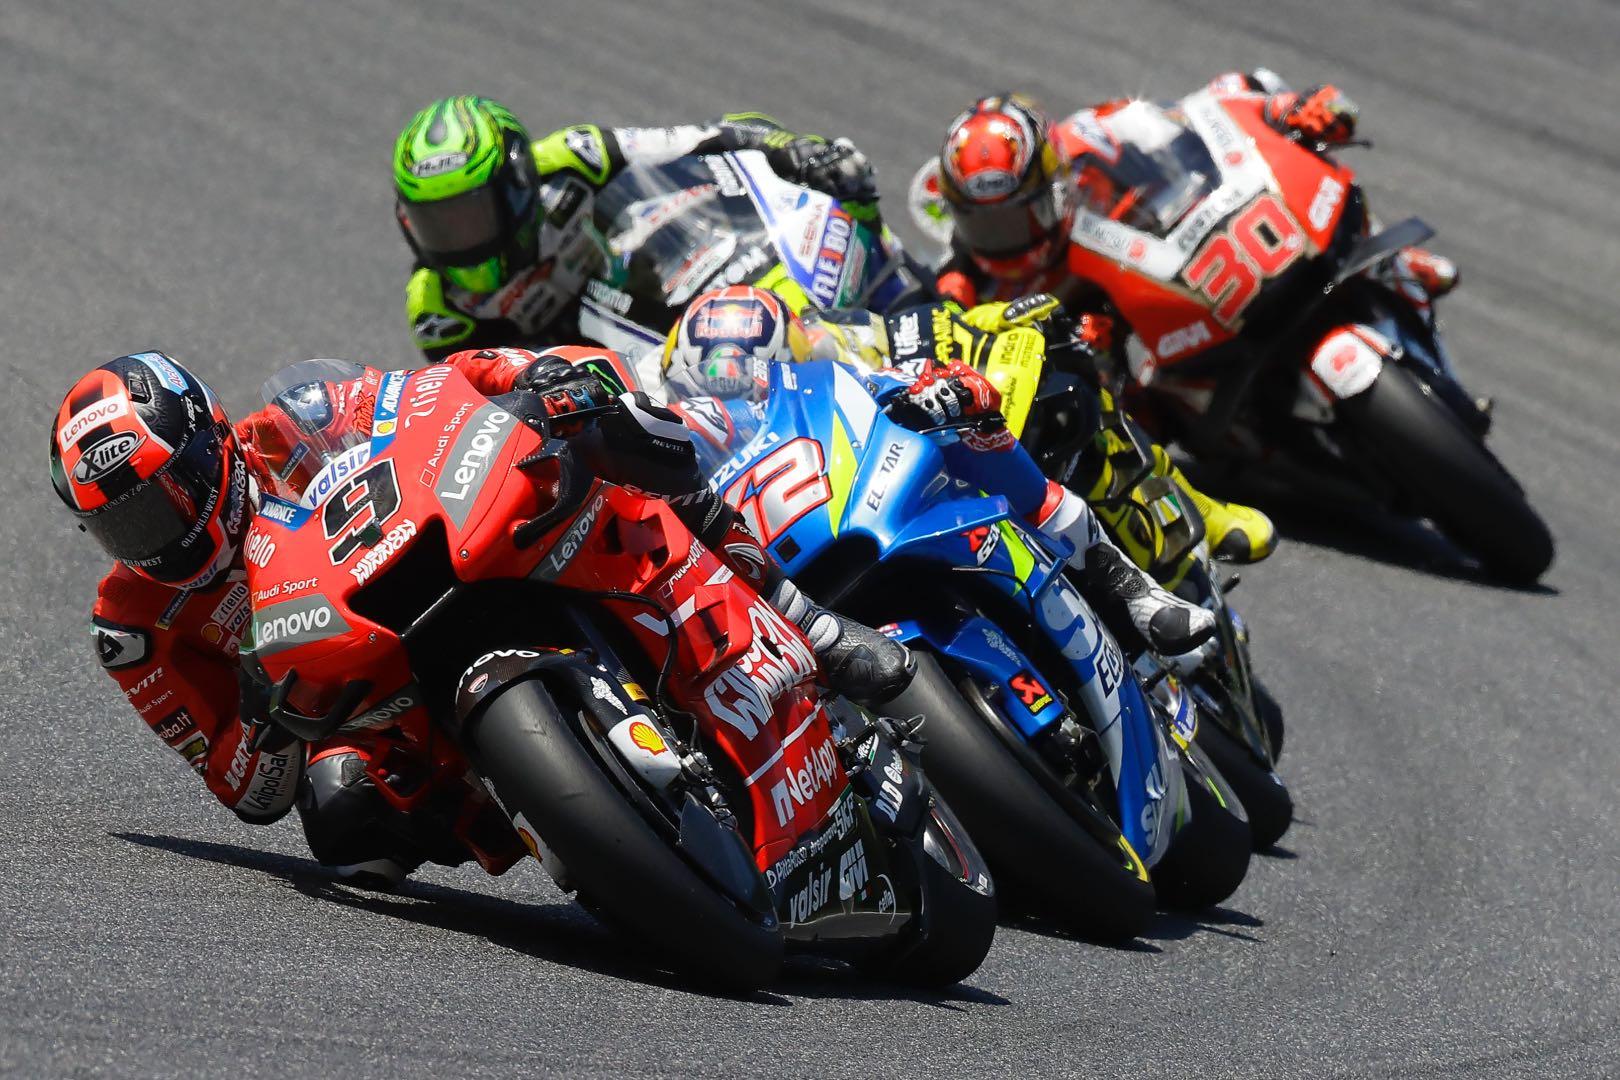 Ducati Danilo Petrucci wins Mugello MotoGP